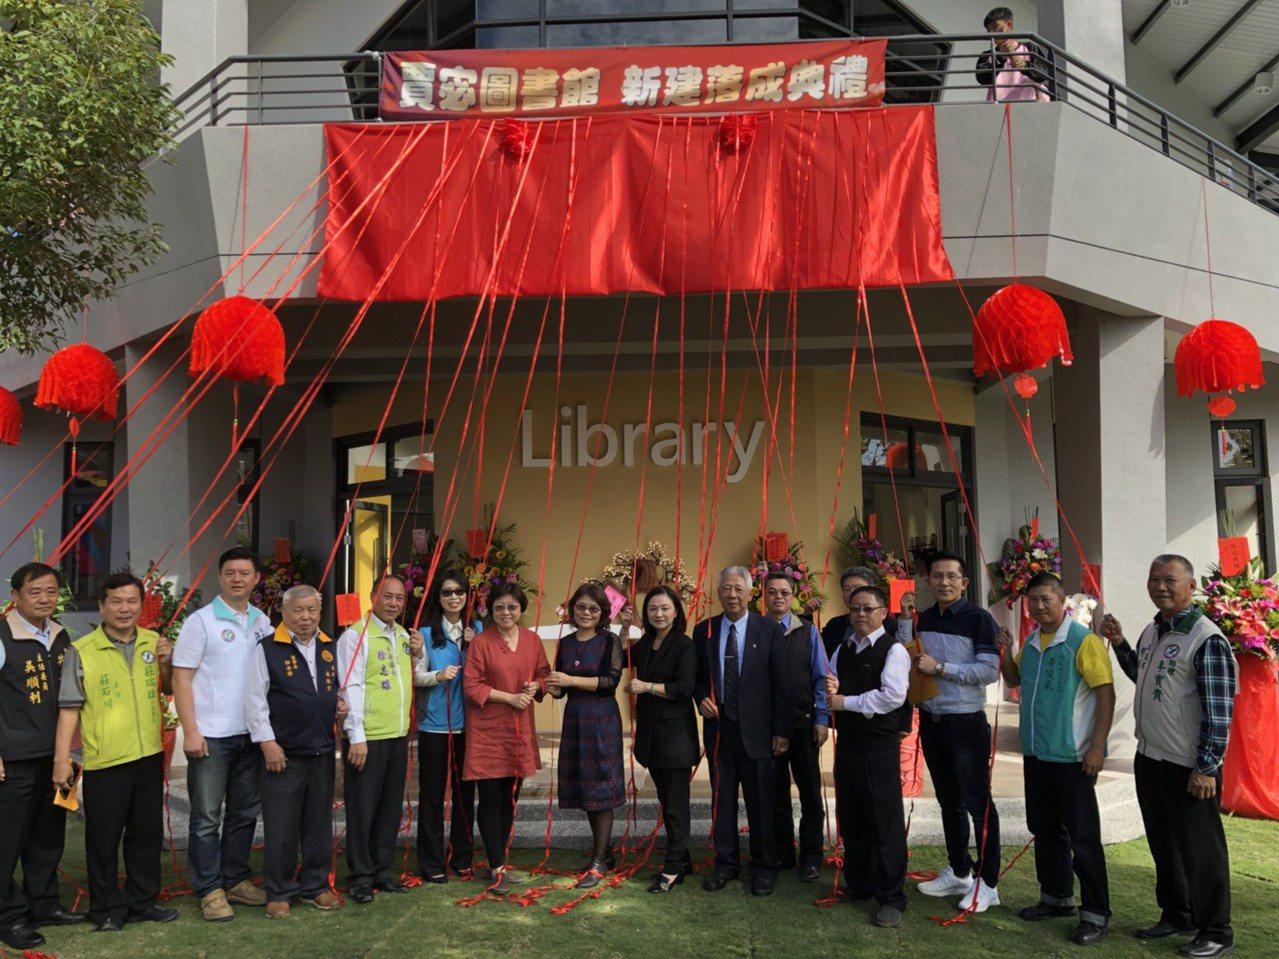 由私人捐資興建的全國第四座賈宓圖書館今天在屏東縣東港高中啟用。圖/校方提供